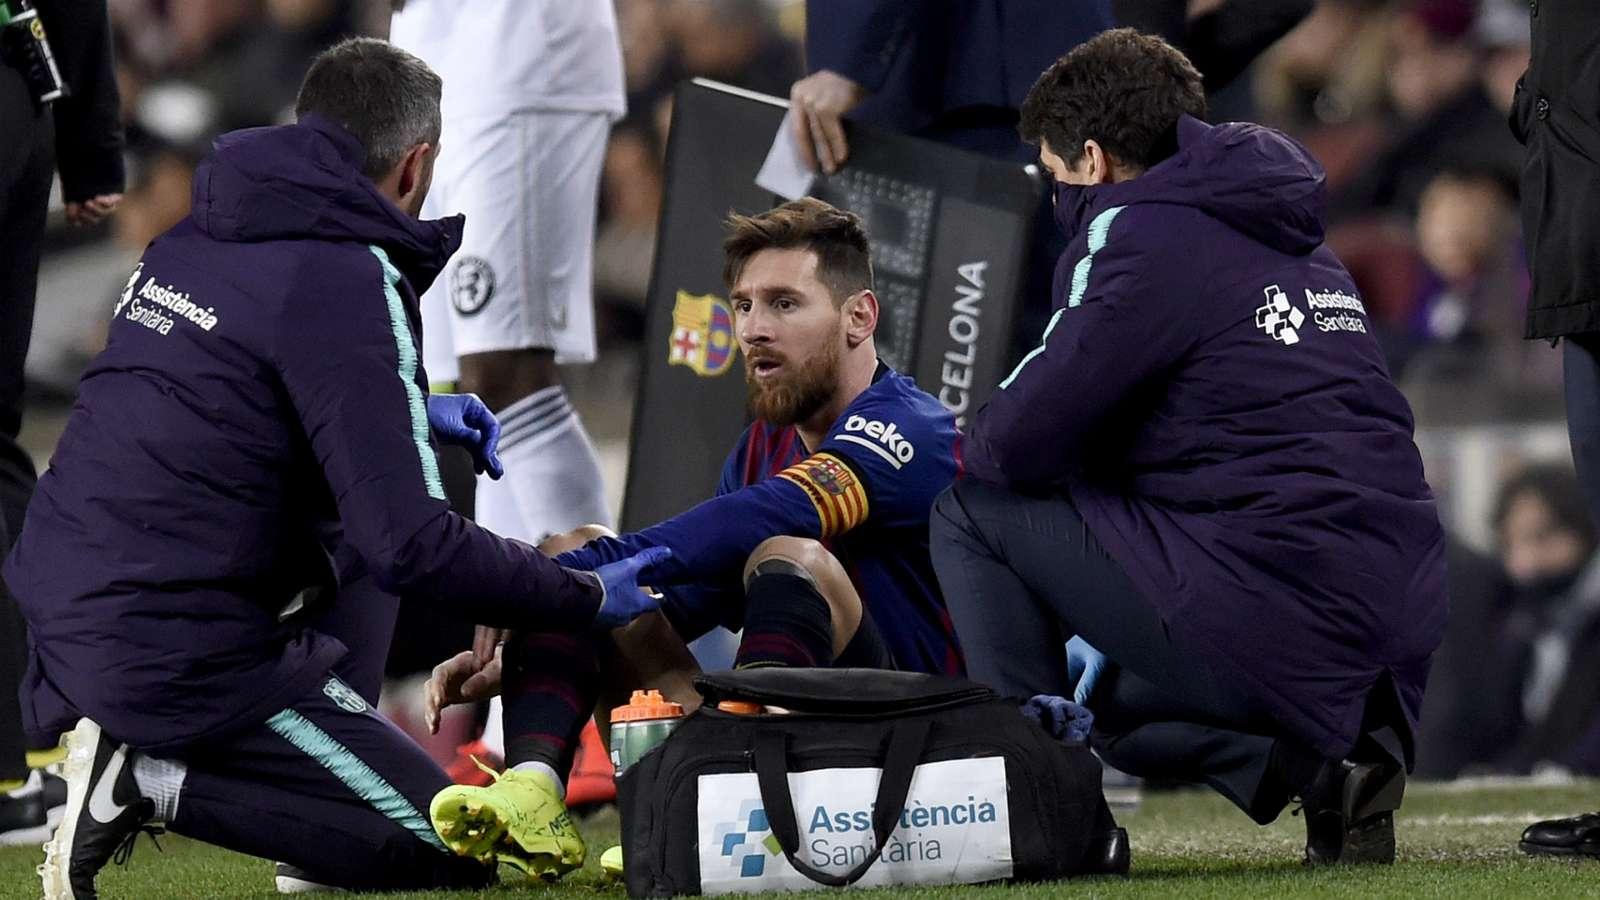 Valverde: 'Có Messi trong đội hình hay không thì Barca vẫn thế' - Bóng Đá